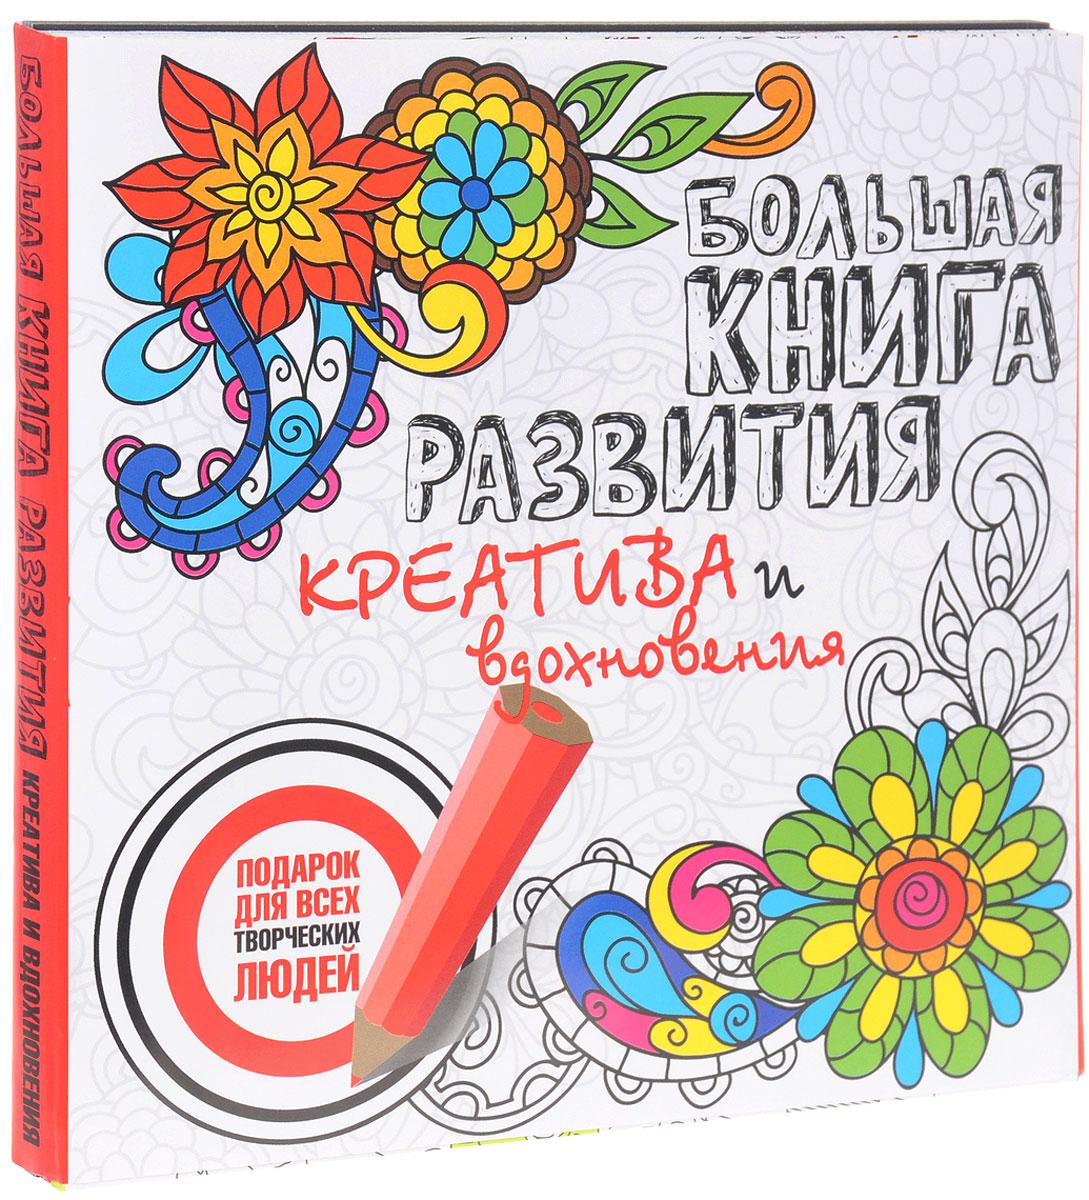 Большая книга развития креатива и вдохновения. Подарок для всех творческих людей